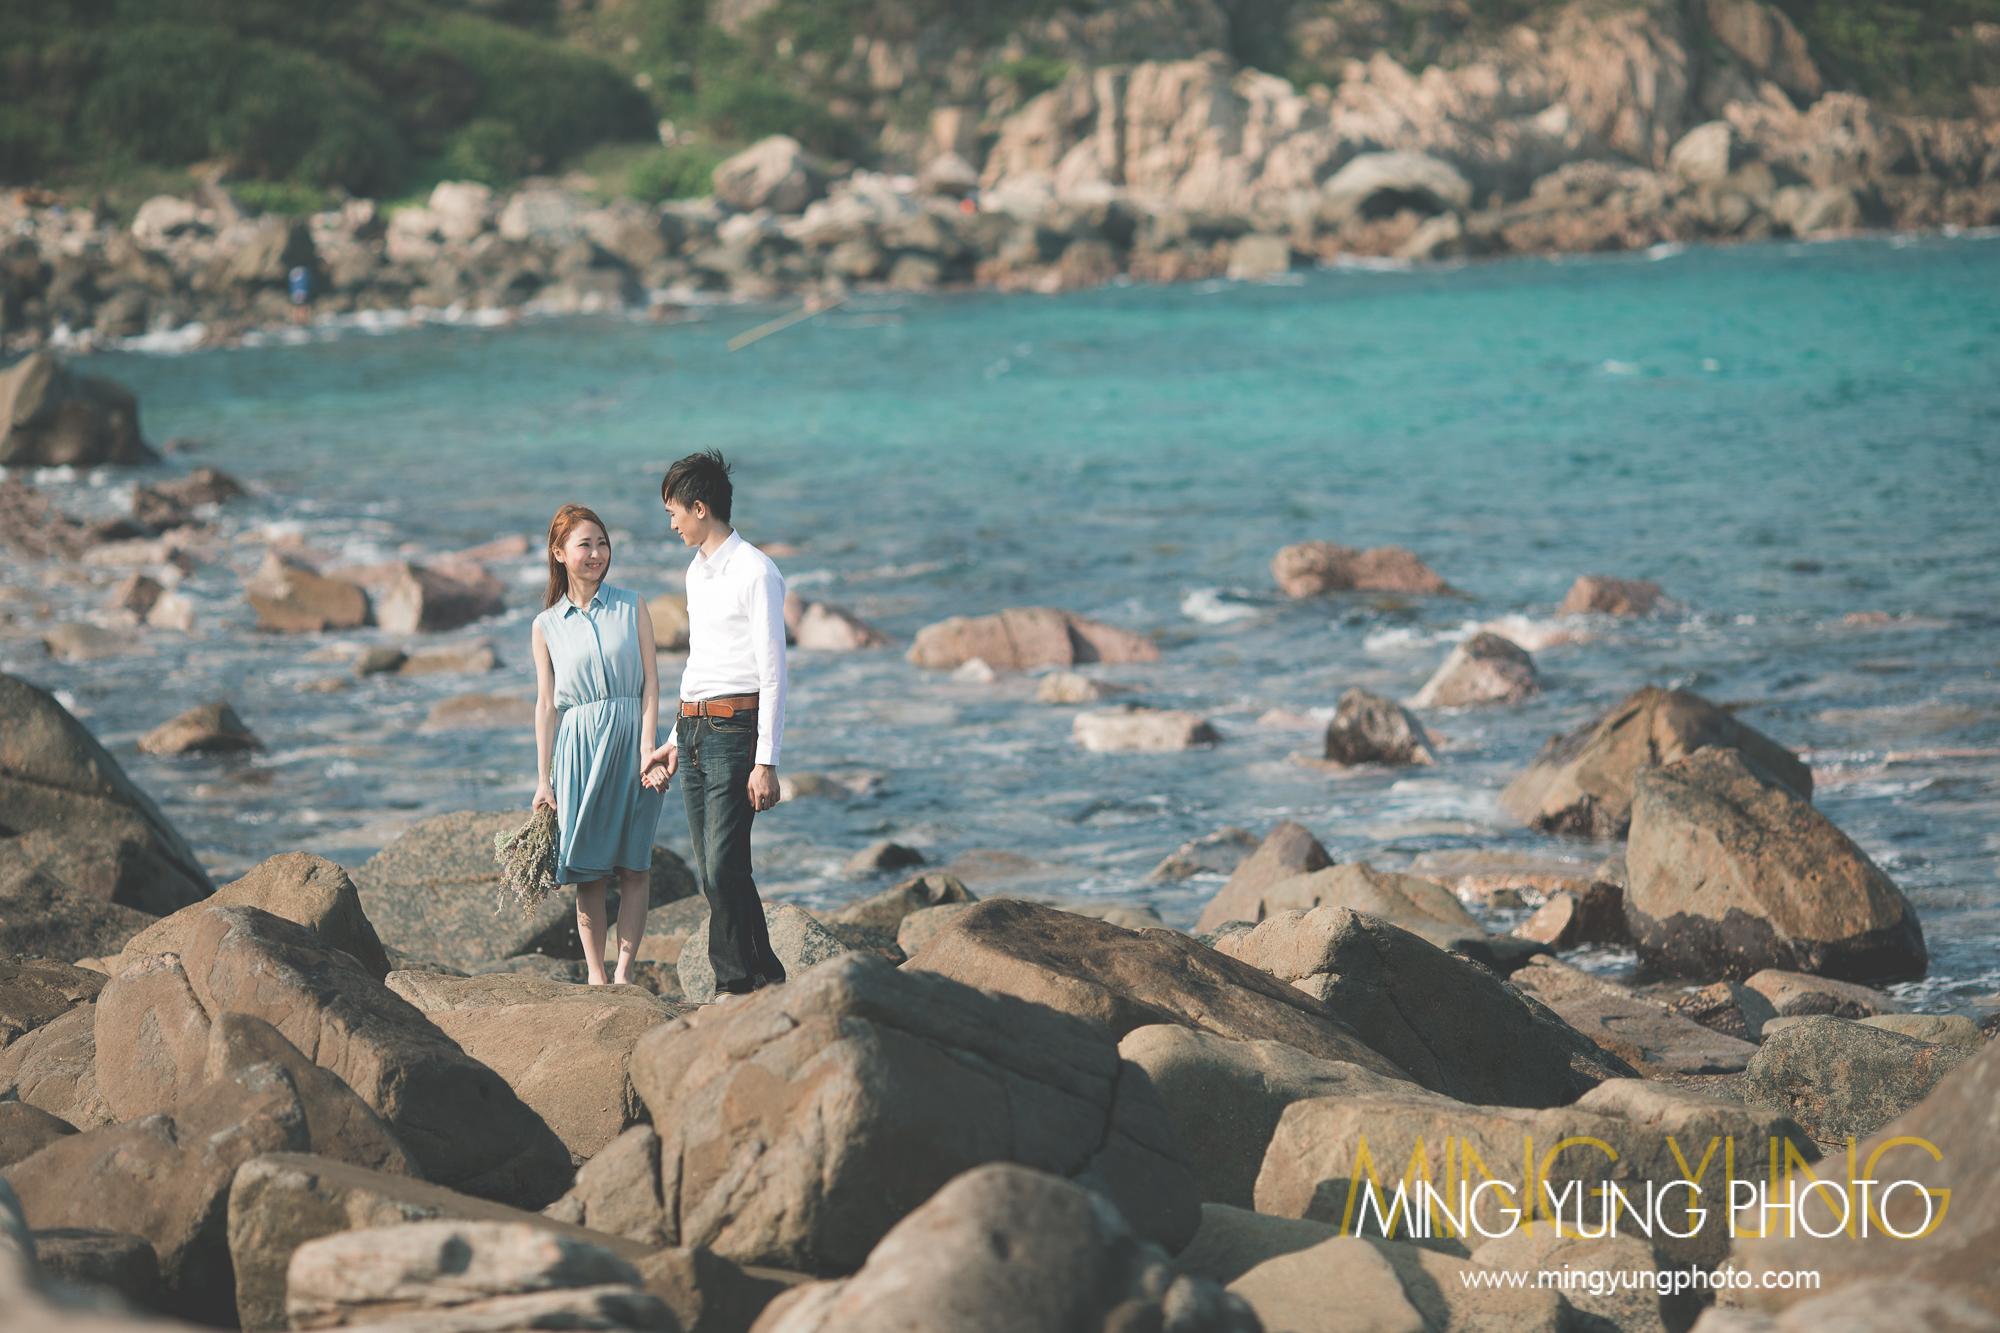 mingyungphoto-20170430-0008